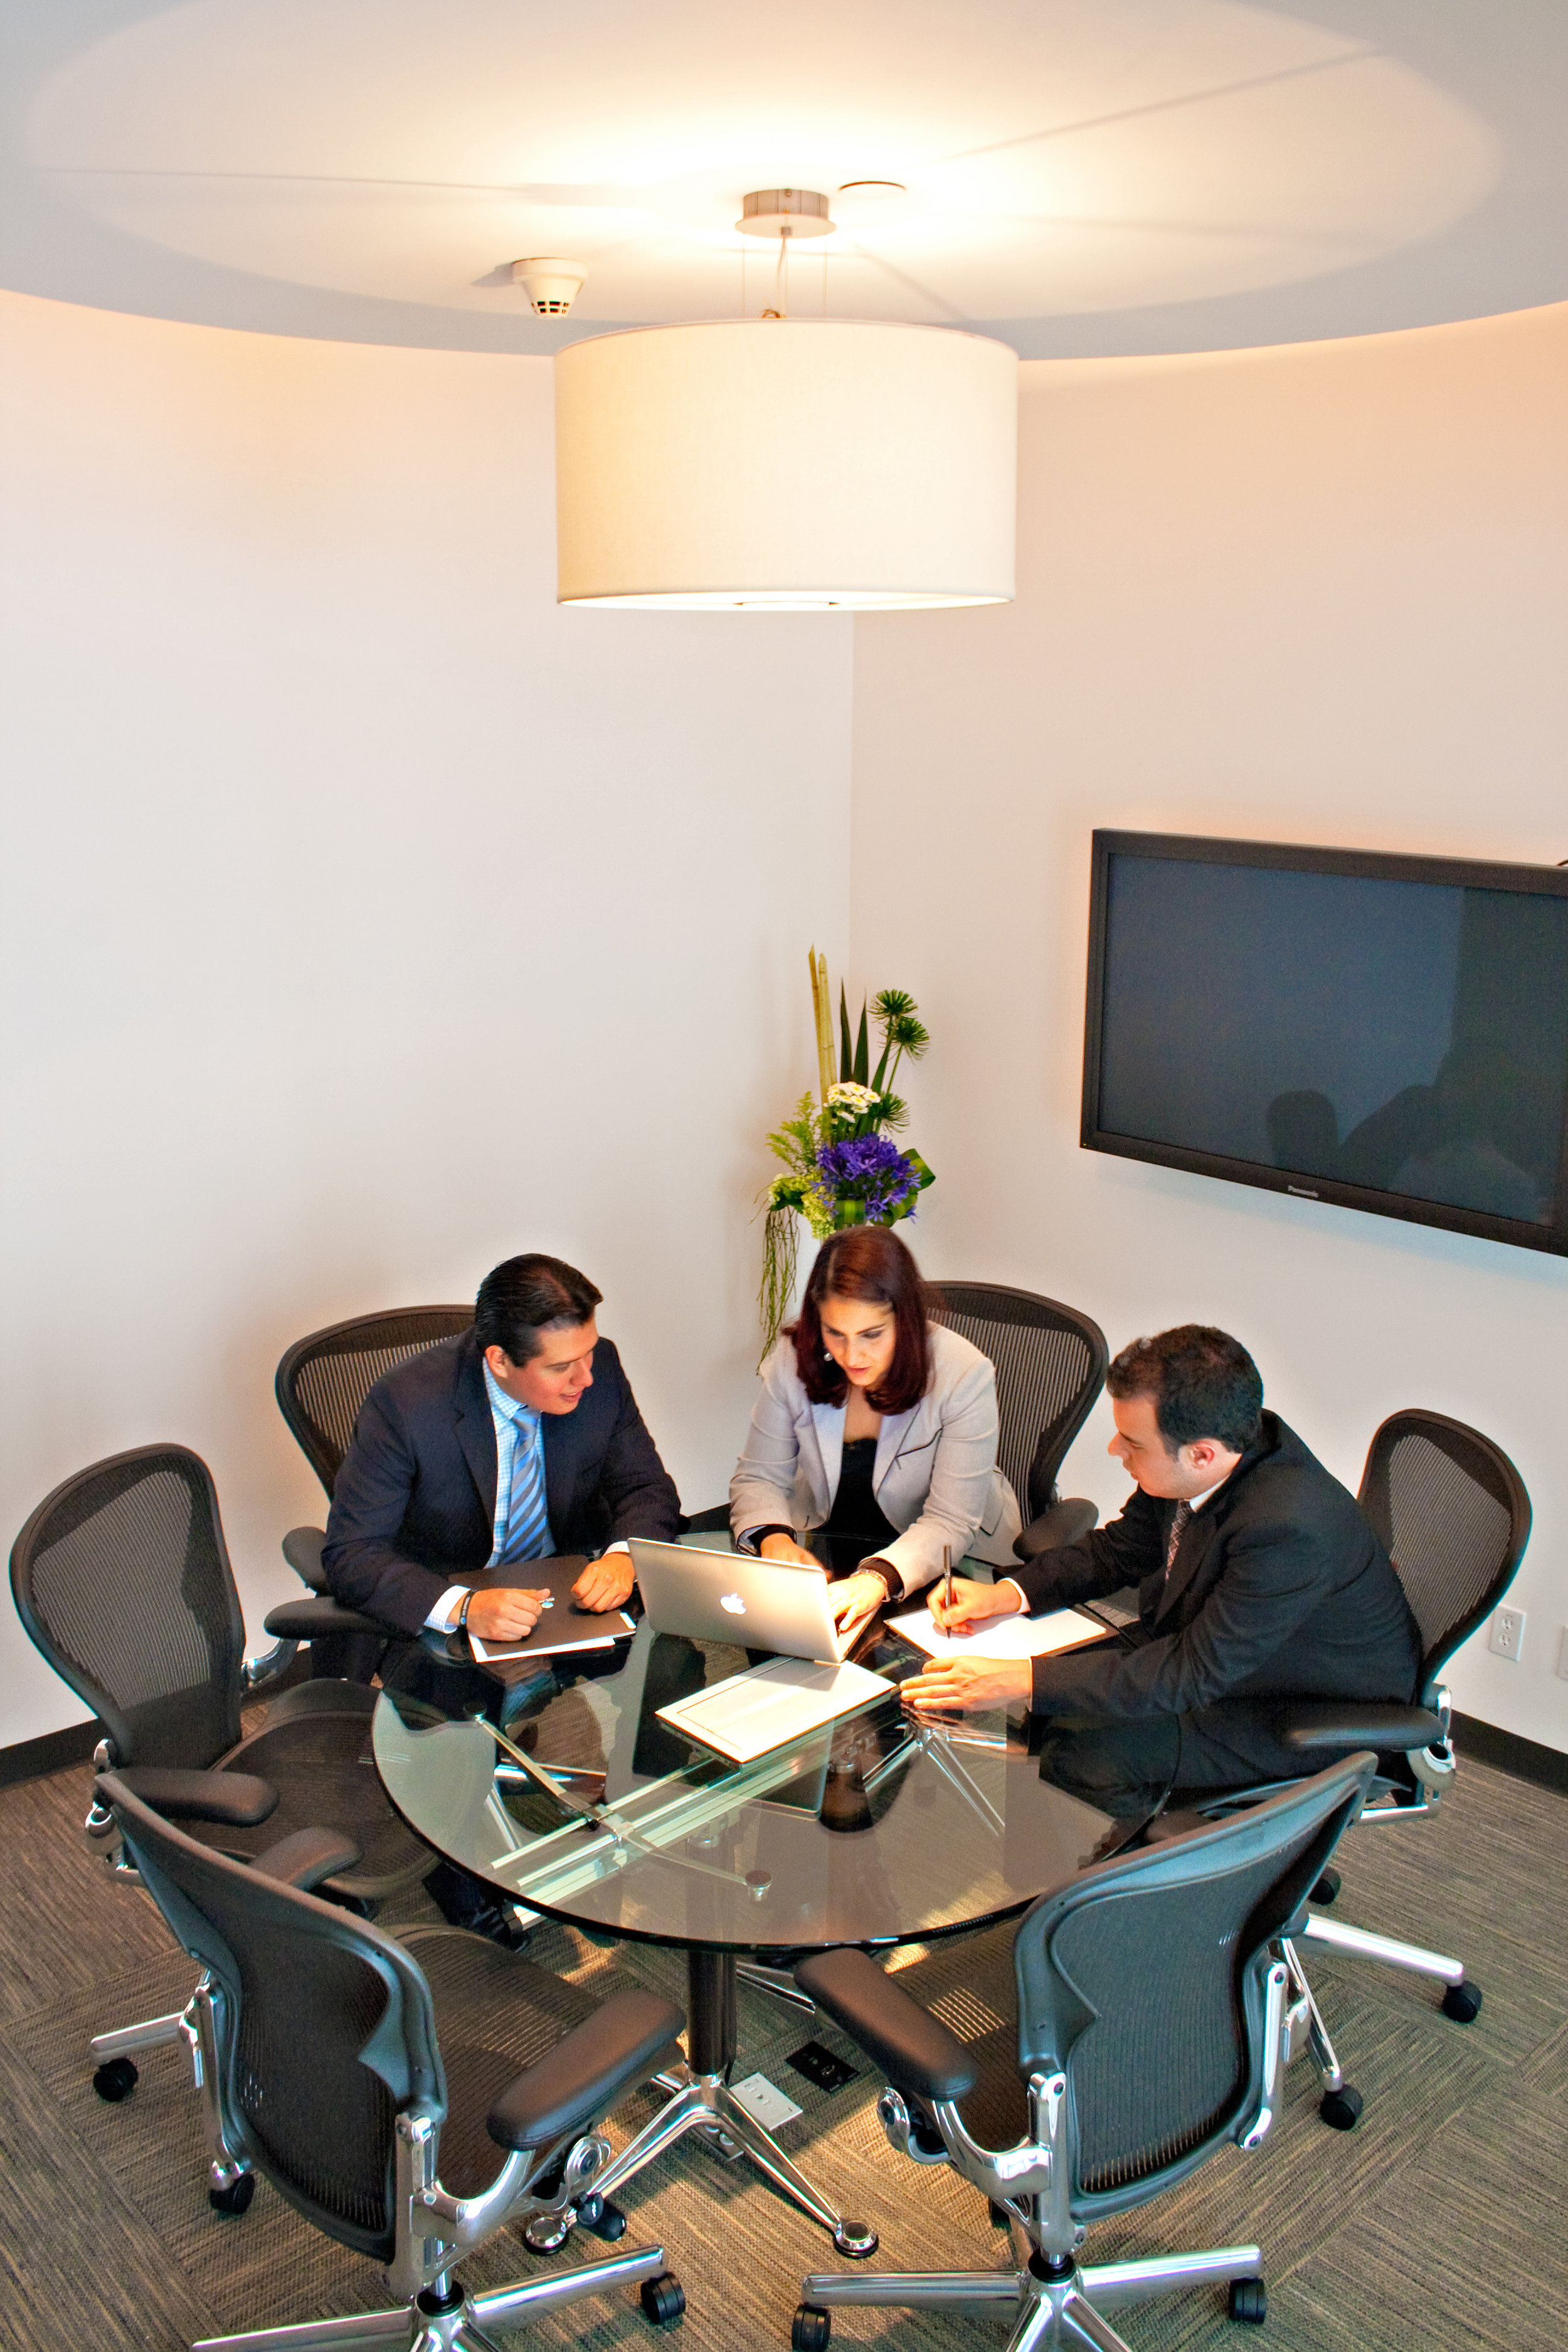 Renta-de-espacios-cowork-IOS-OFFICES-Malecon-Americas